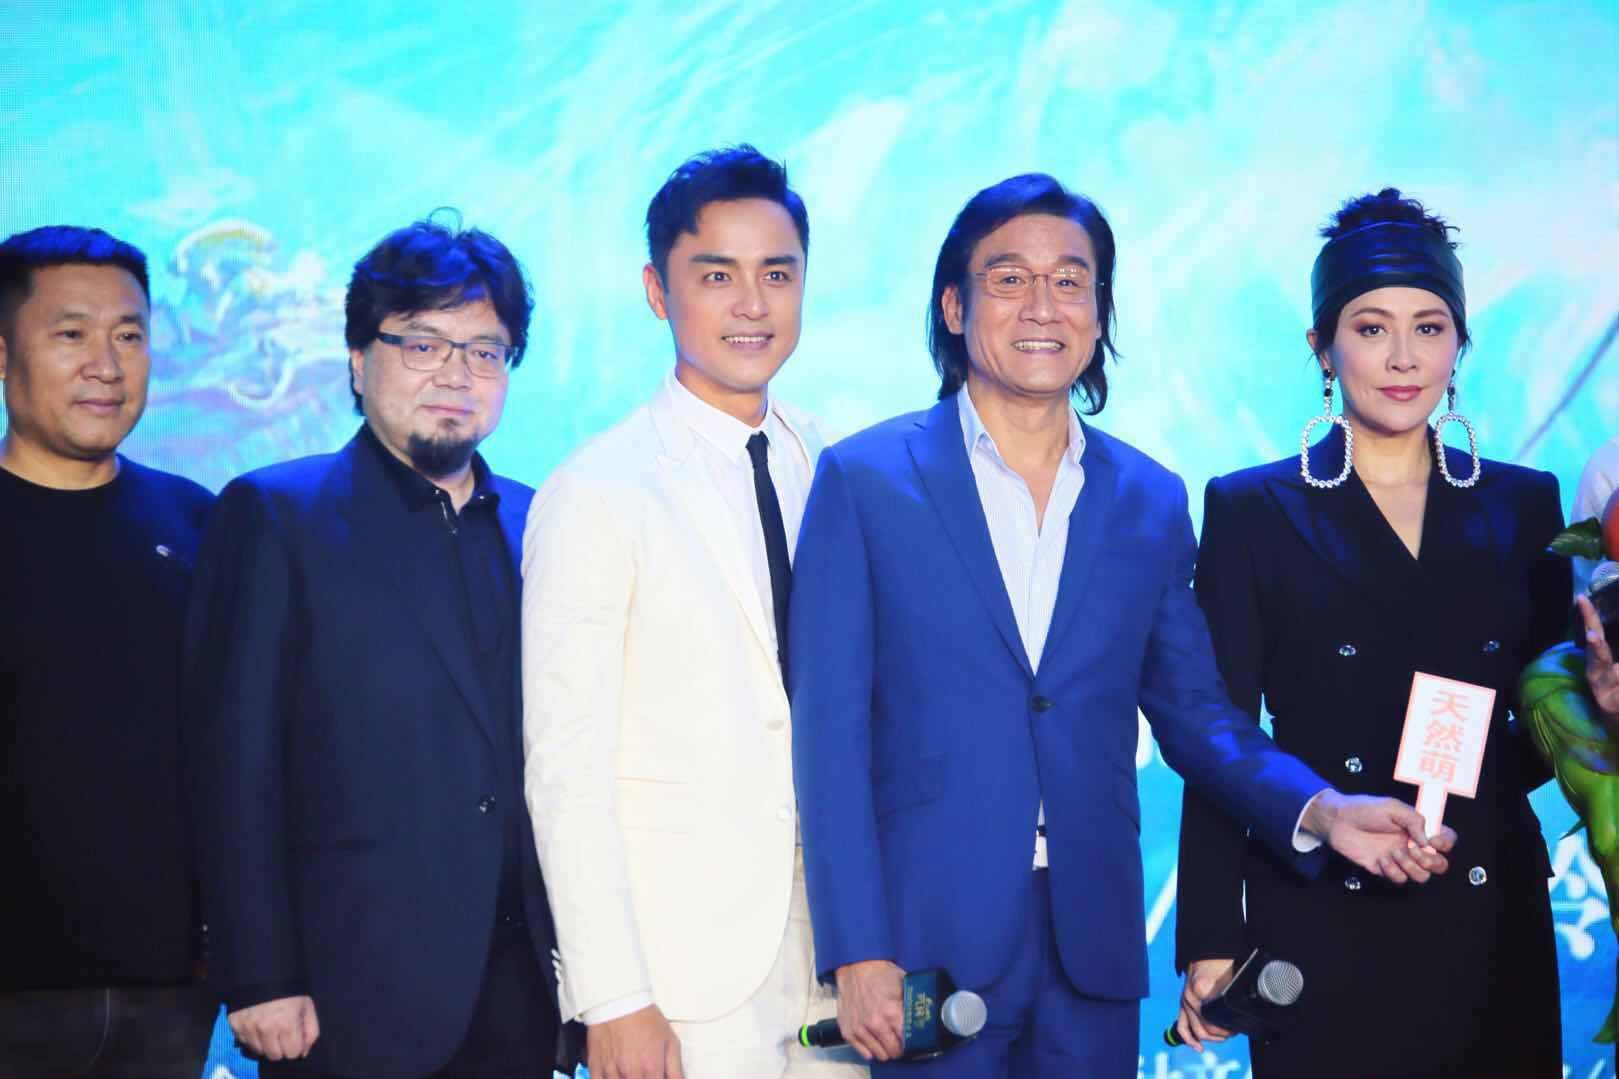 明道亮相《阿修罗》首映礼 畅聊华语电影工业化